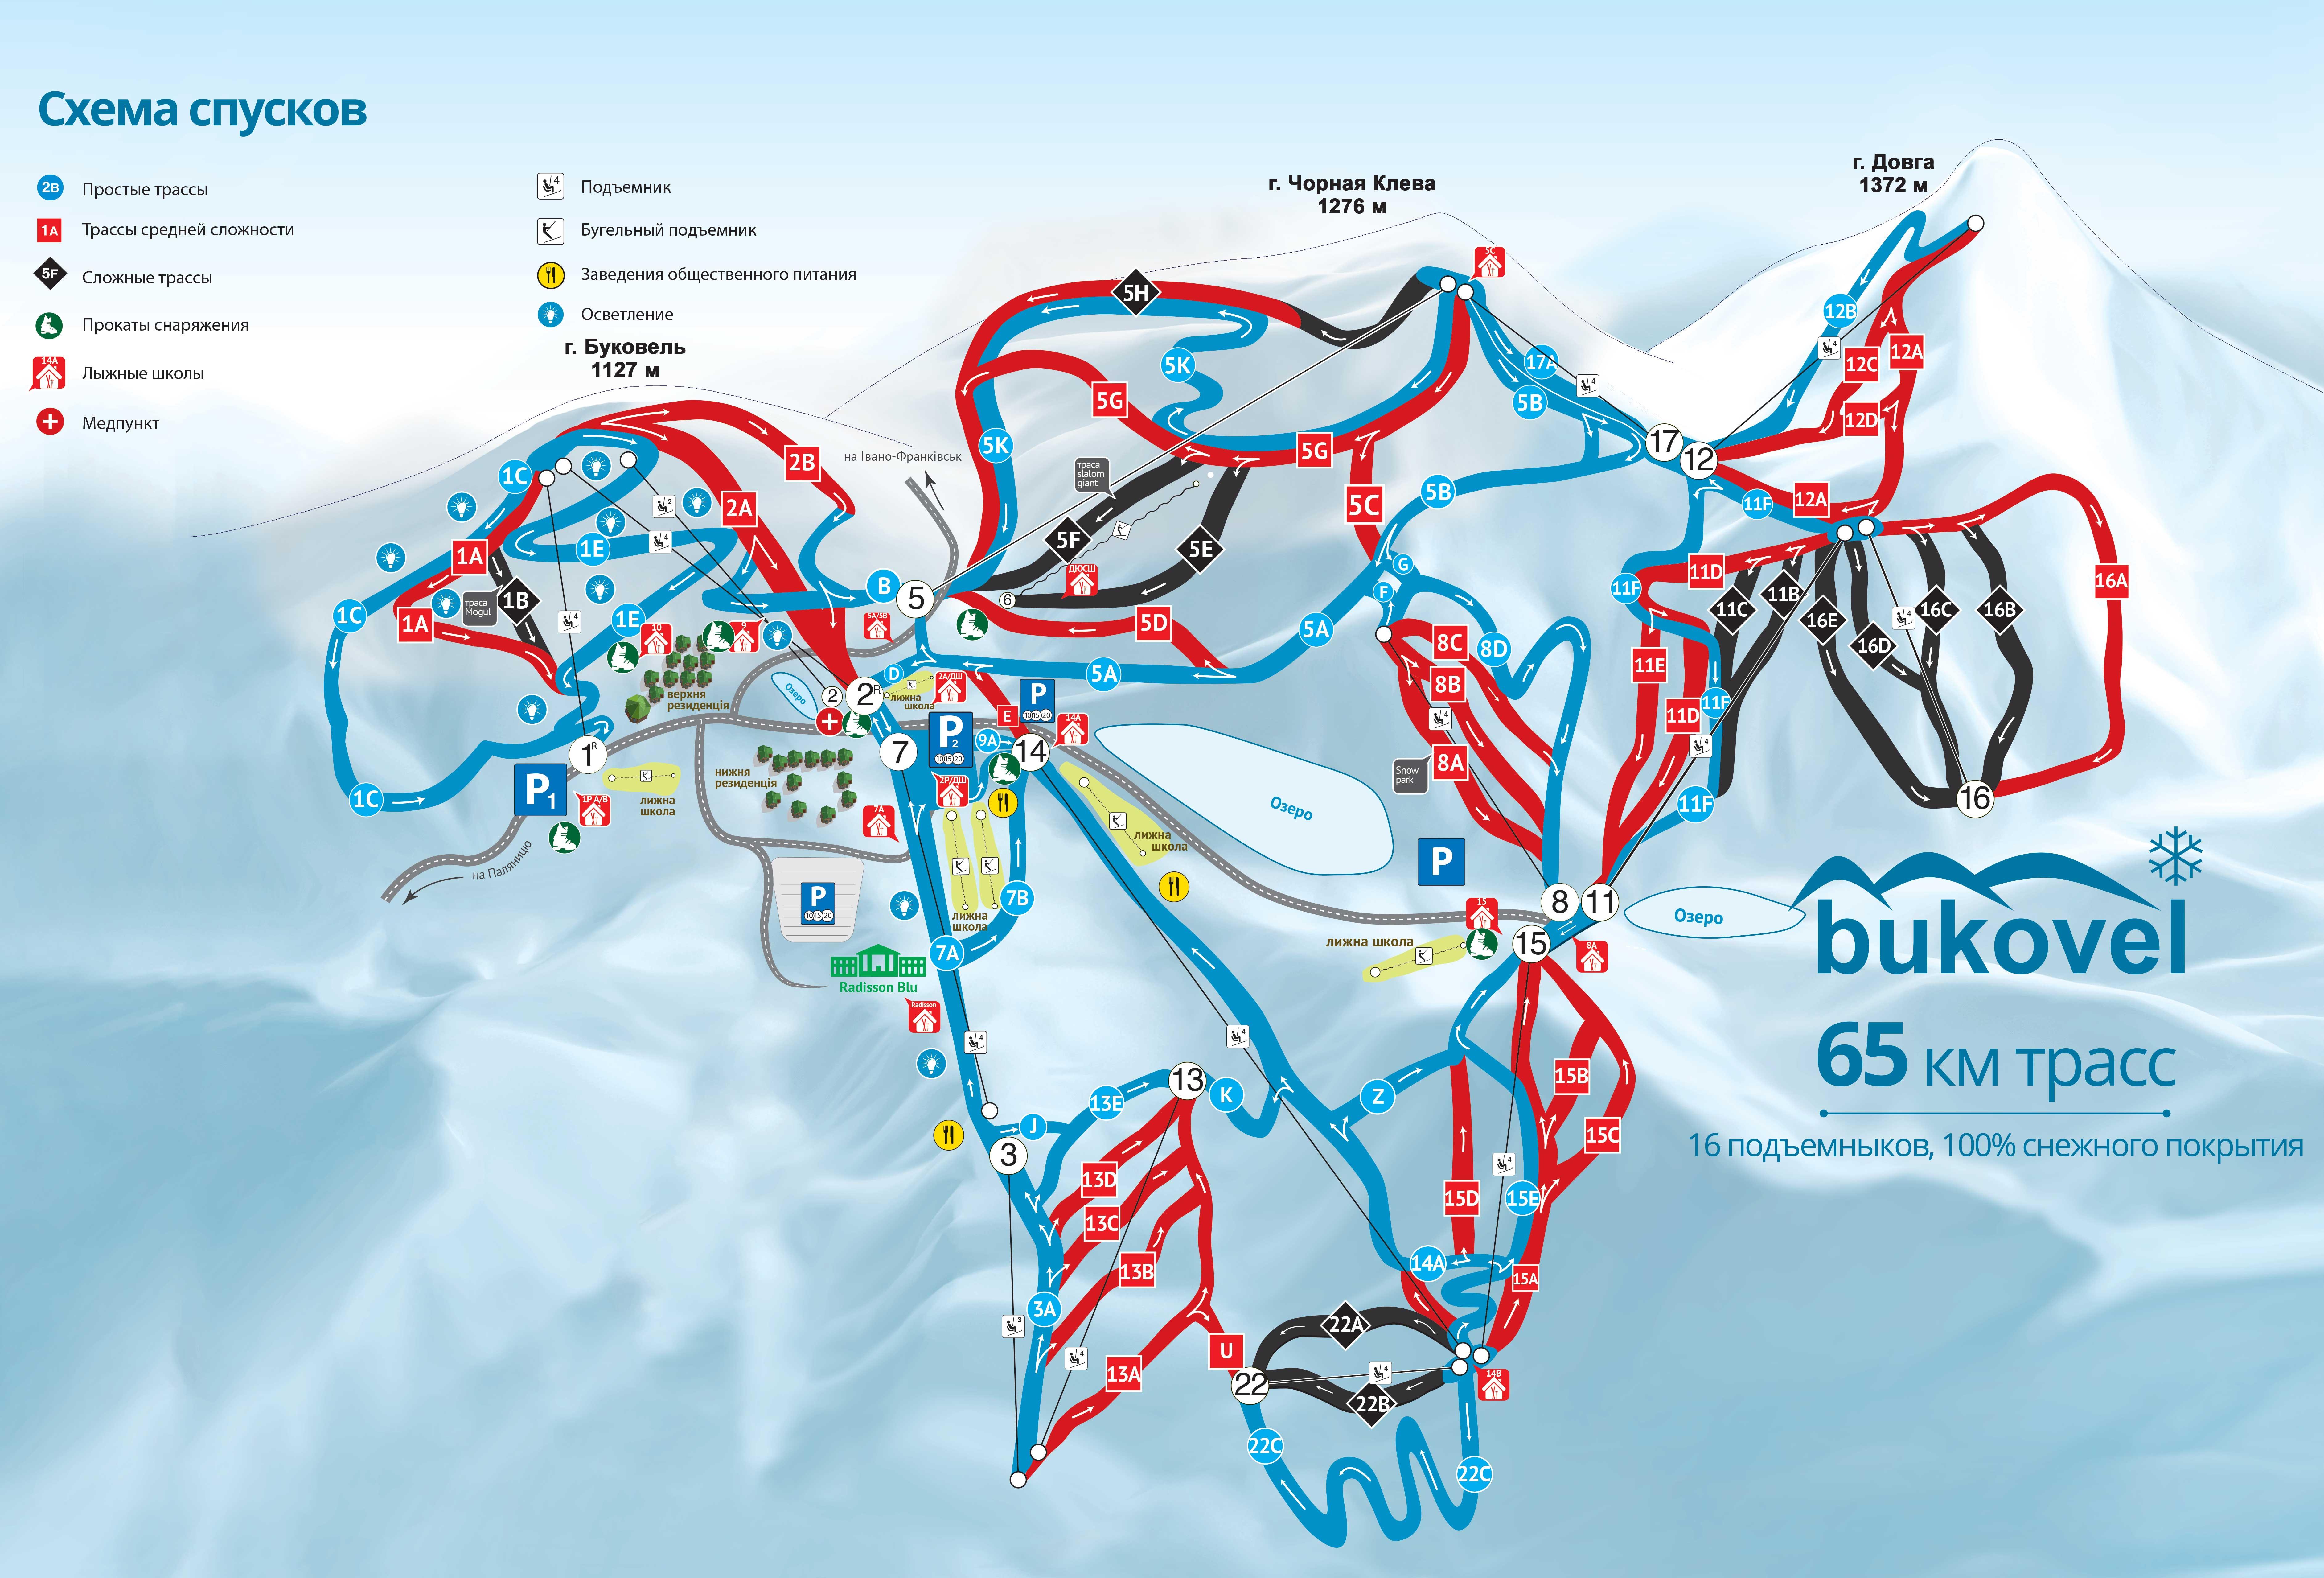 Схема горнолыжных трасс Буковеля, Украина